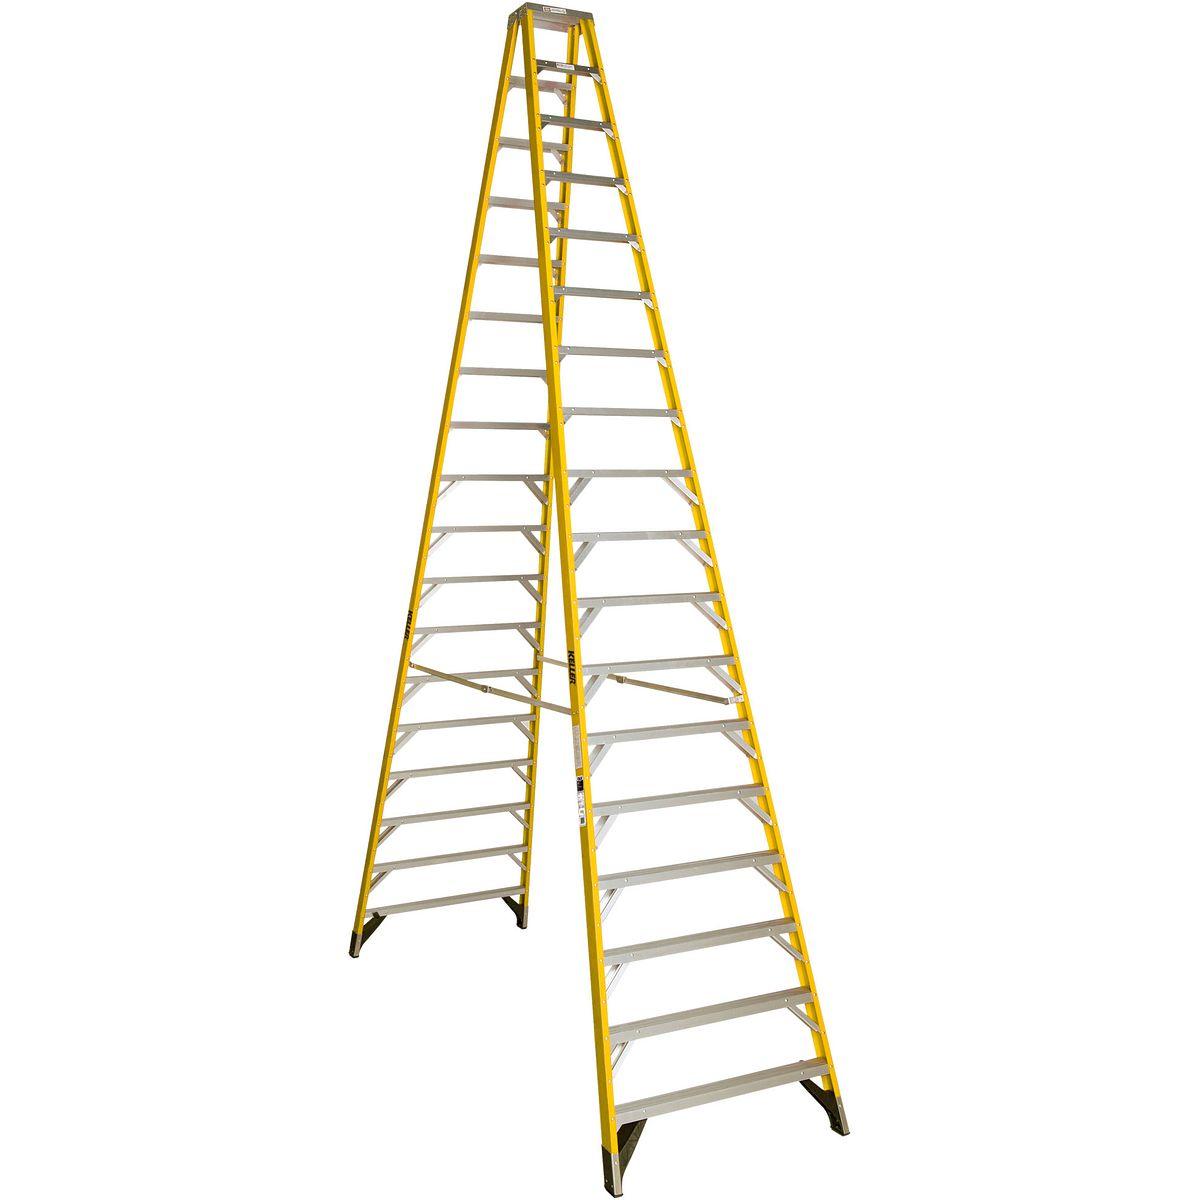 T10718 Step Ladders Keller Us